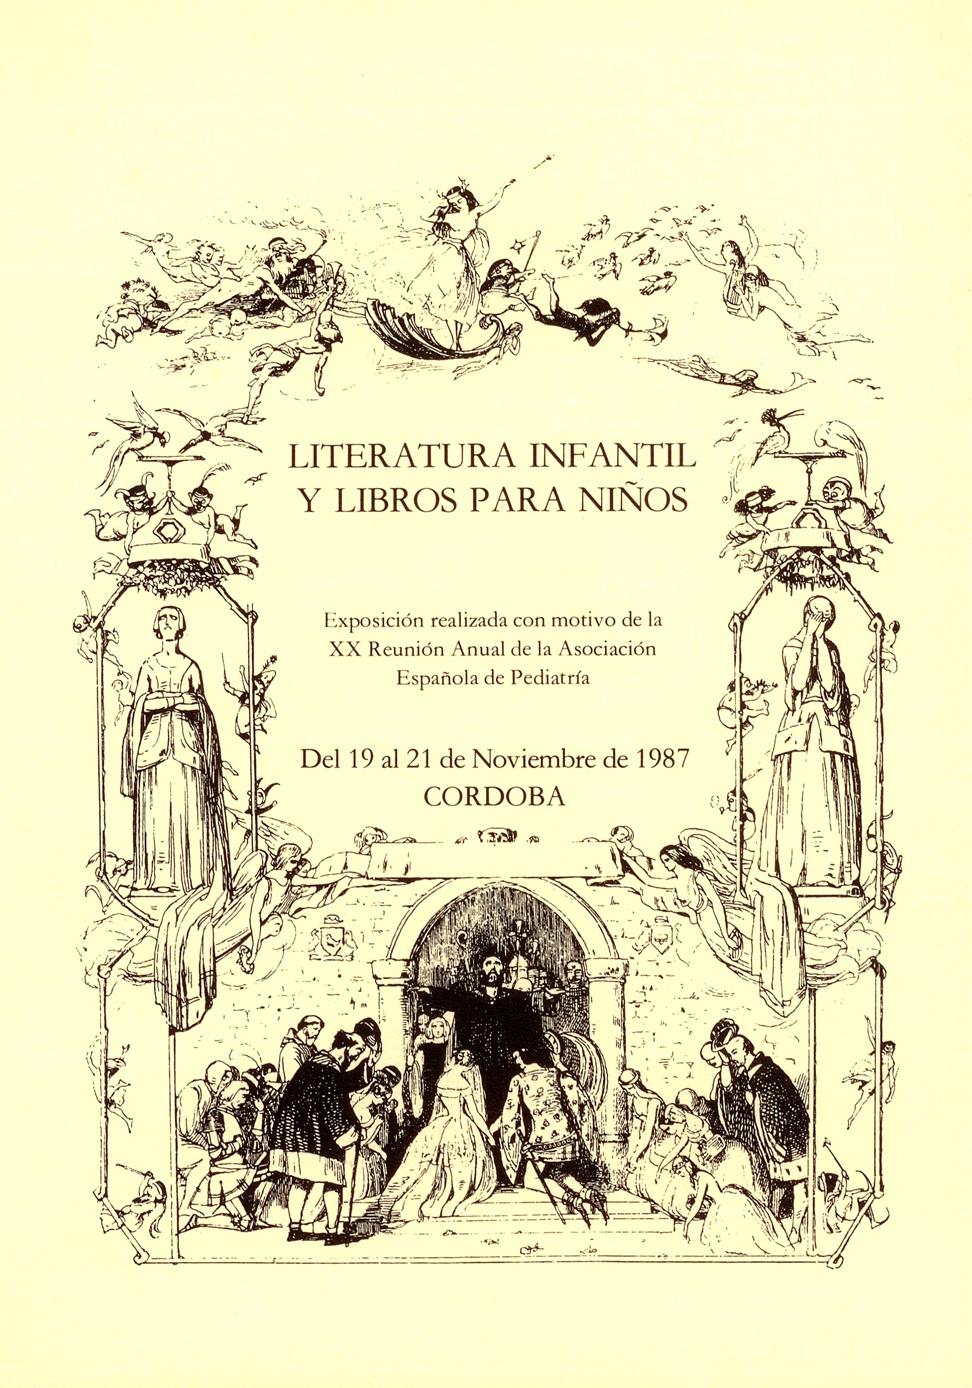 Esposición literatura infantil y libros para niños